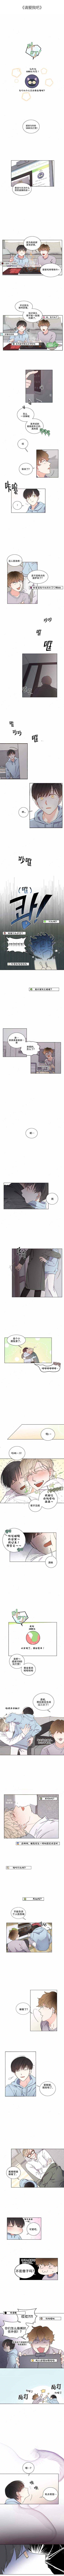 耽美漫画《请爱我吧》上新,纯爱清水漫来了,你喜欢吗?